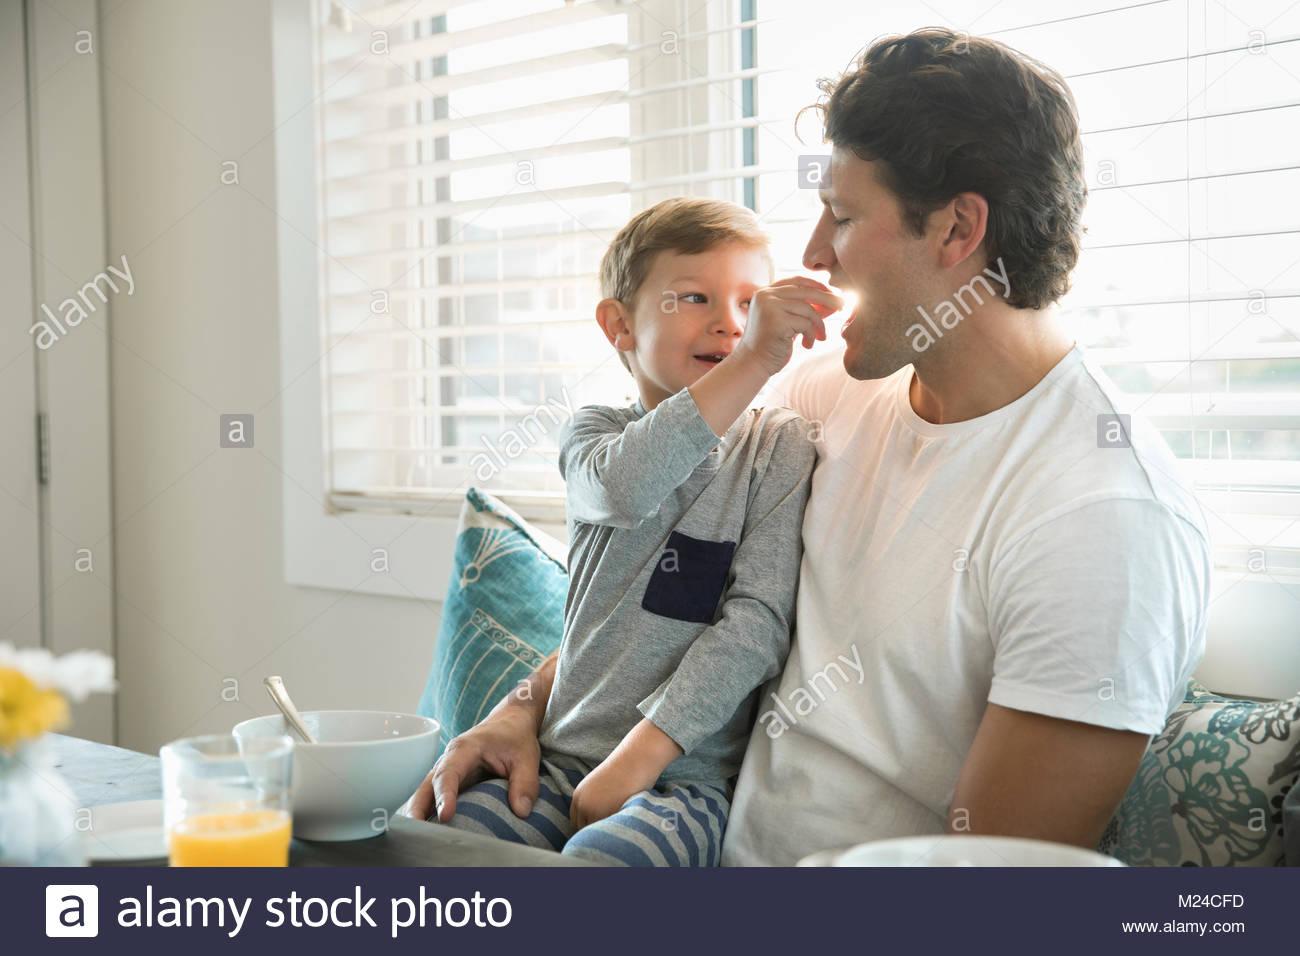 Sohn Fütterung Getreide zu Vater in Frühstücksecke Stockbild